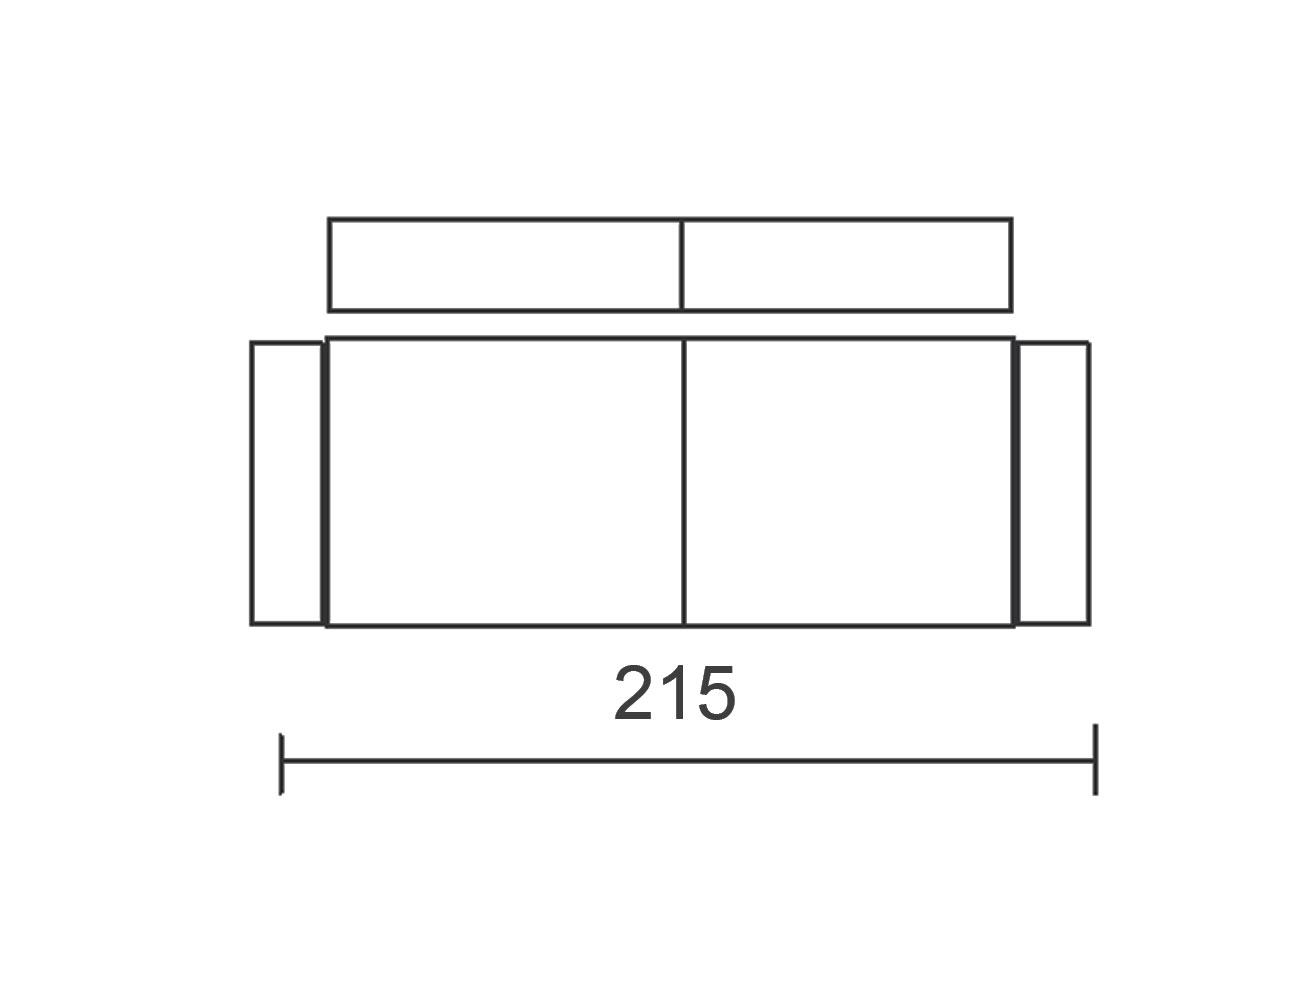 Modulo 2151